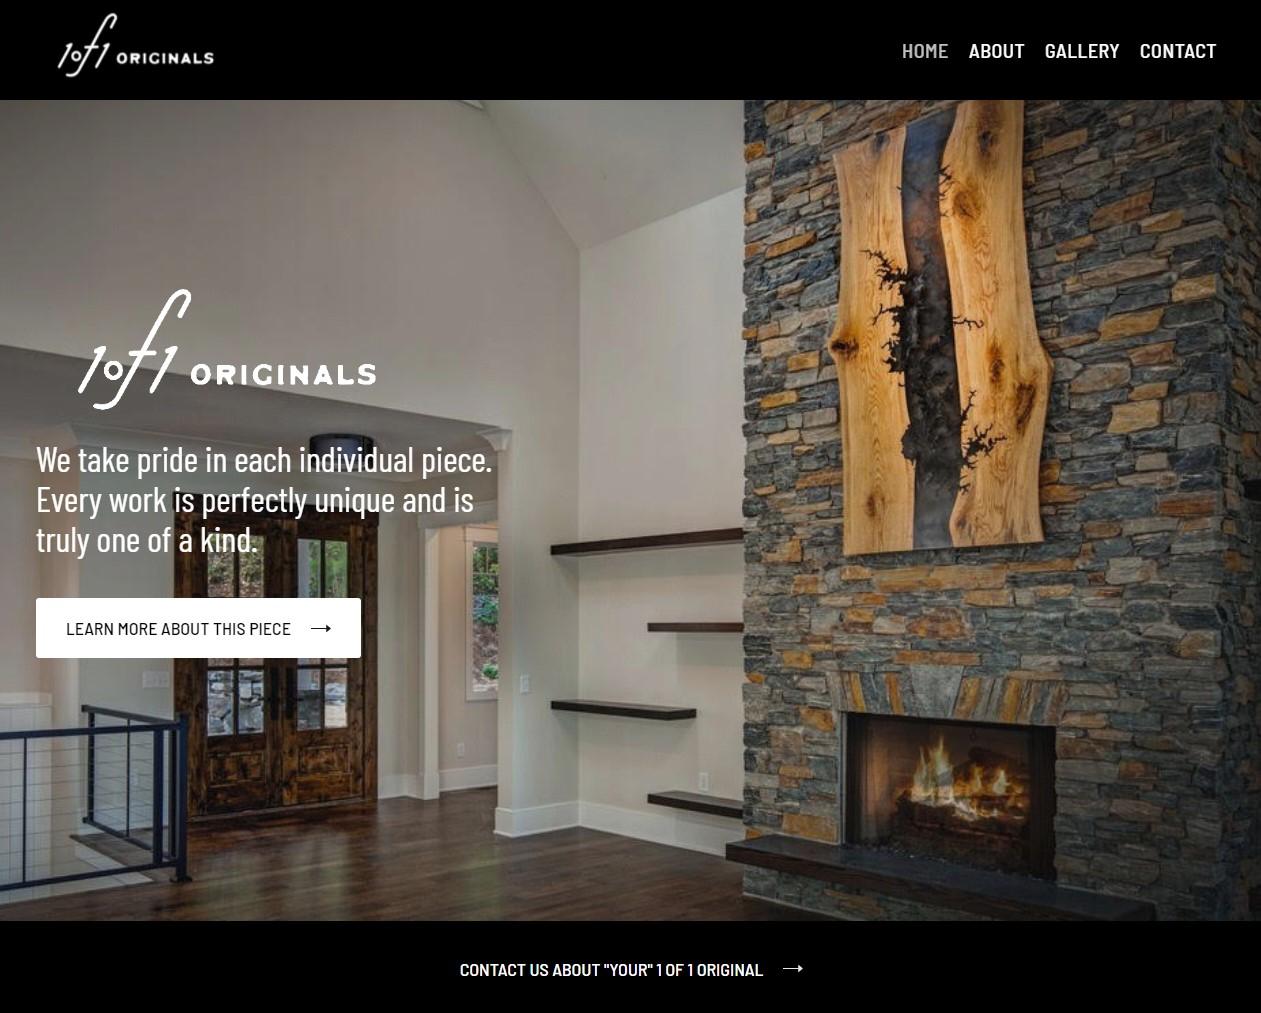 Screenshot of 1 of 1 originals website